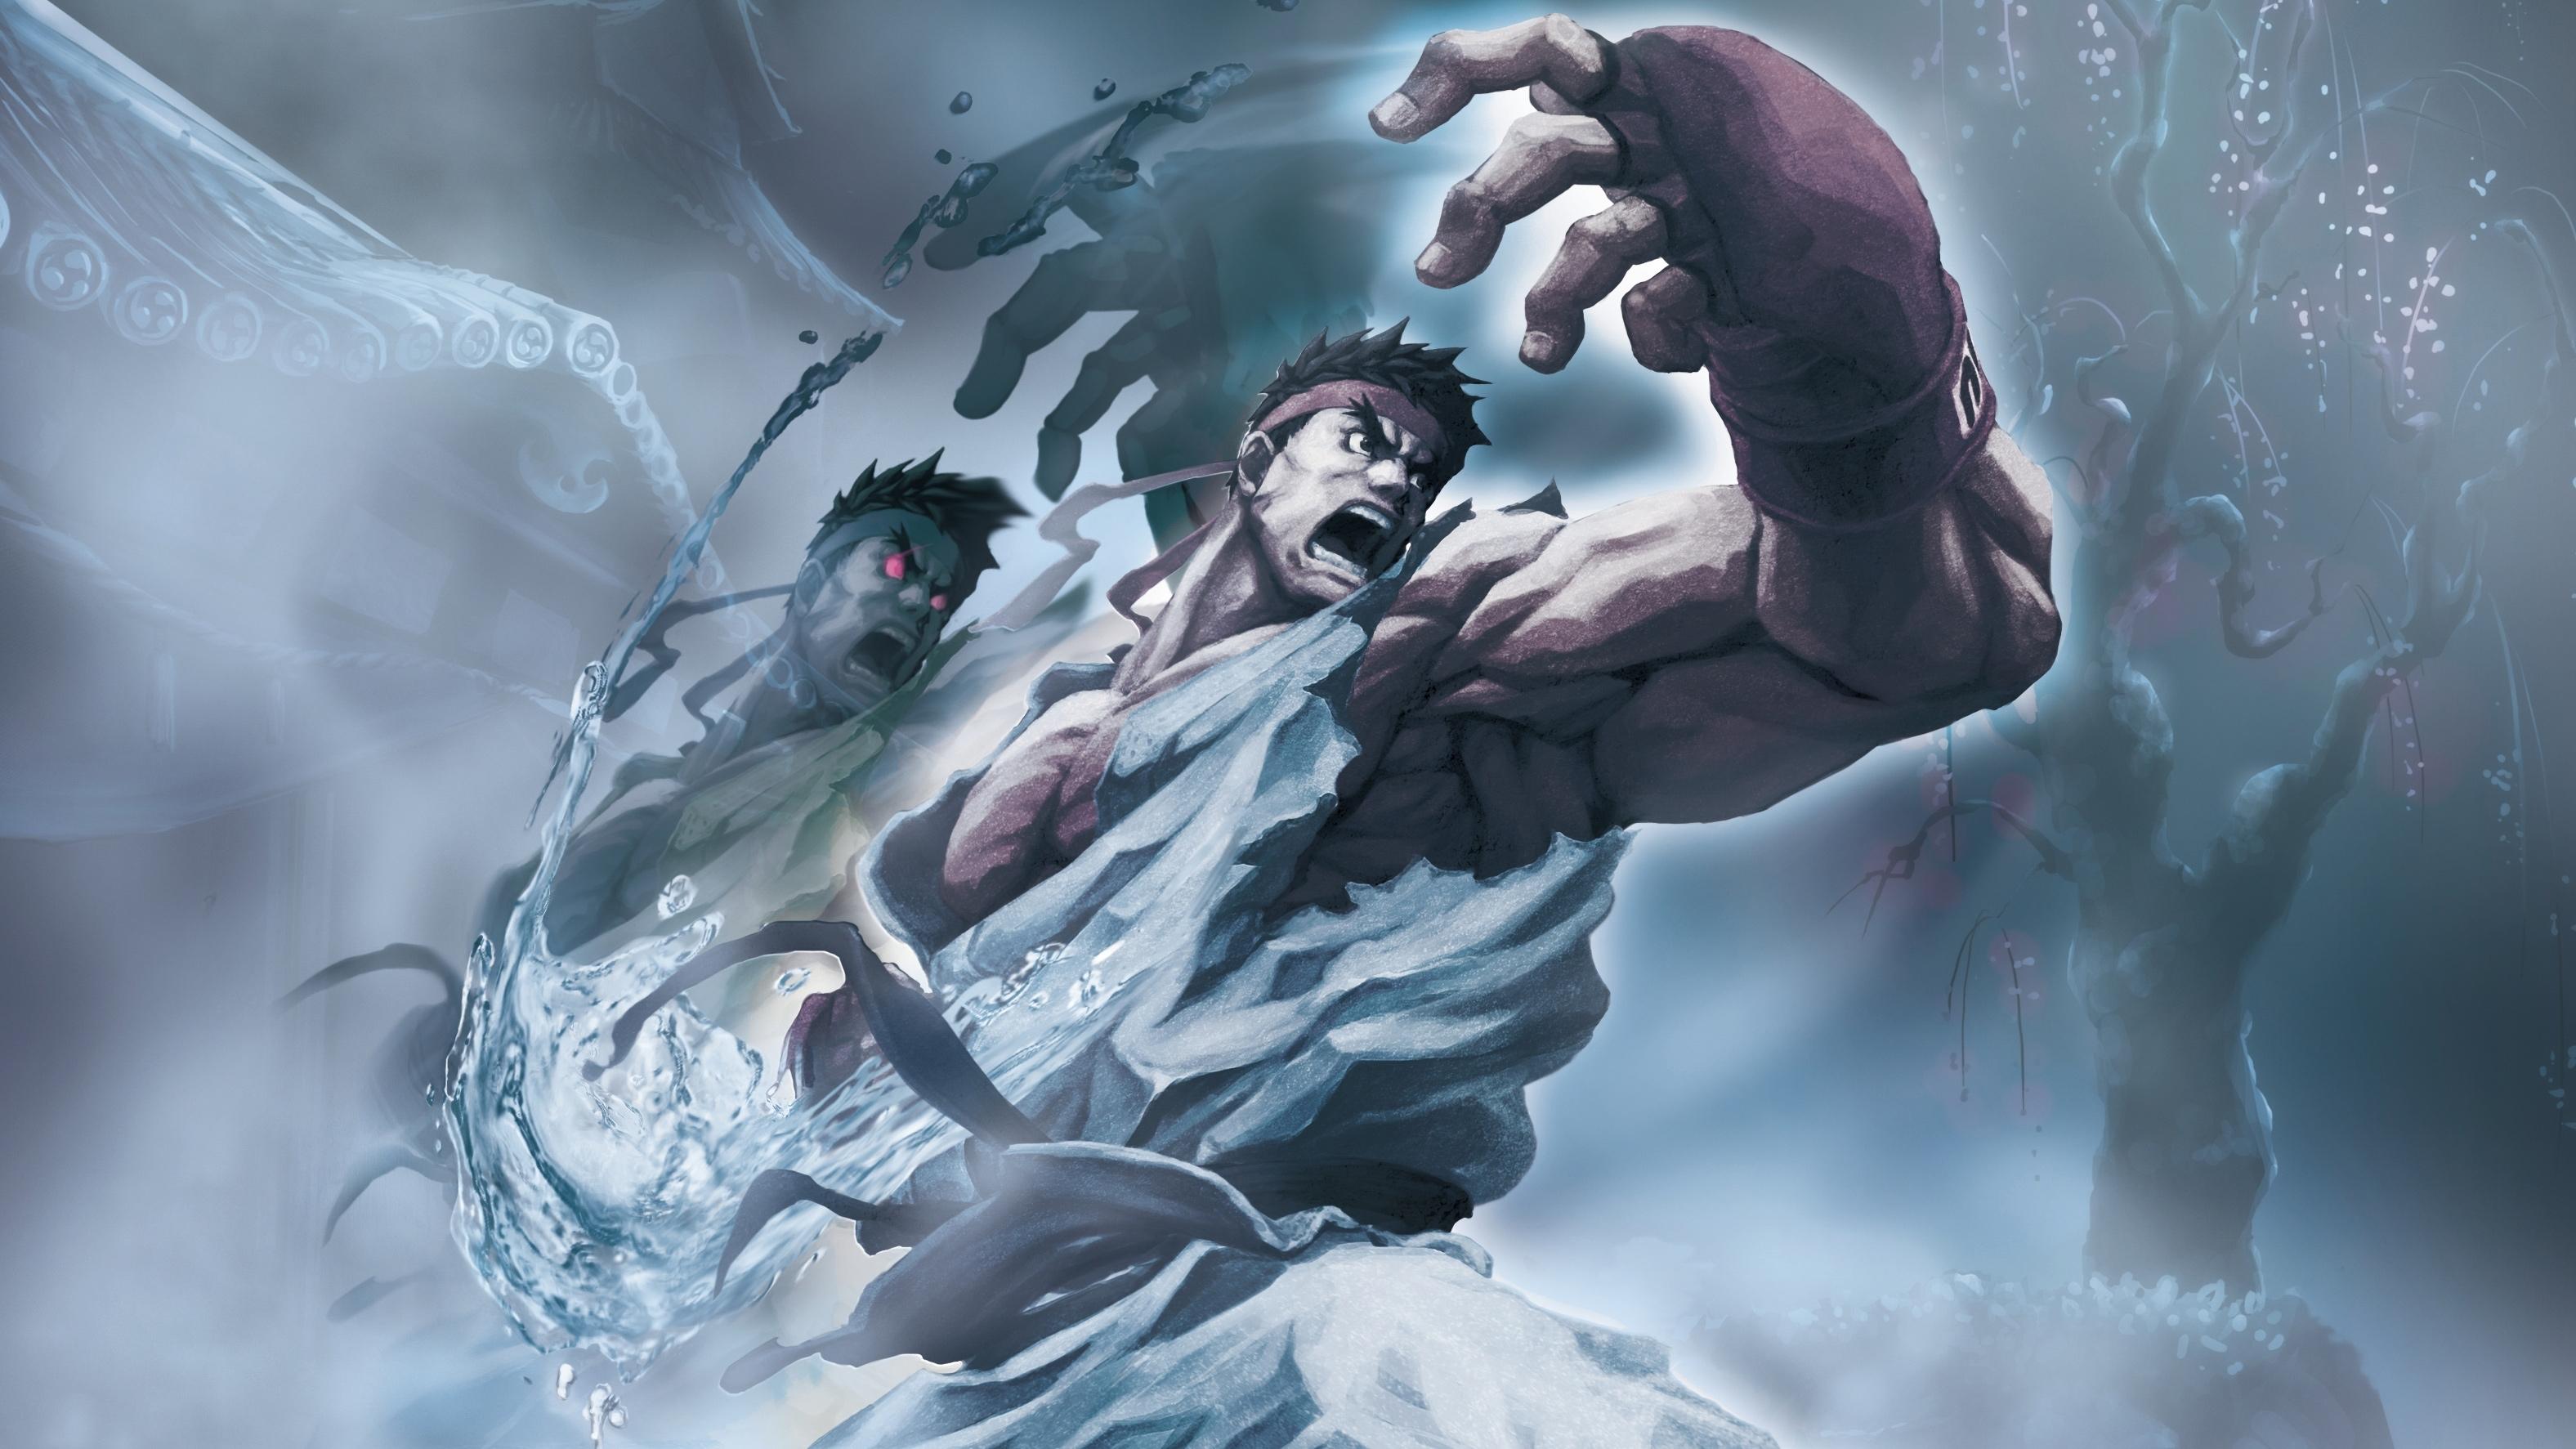 wallpaper ryu, street fighter x tekken, games, #4550